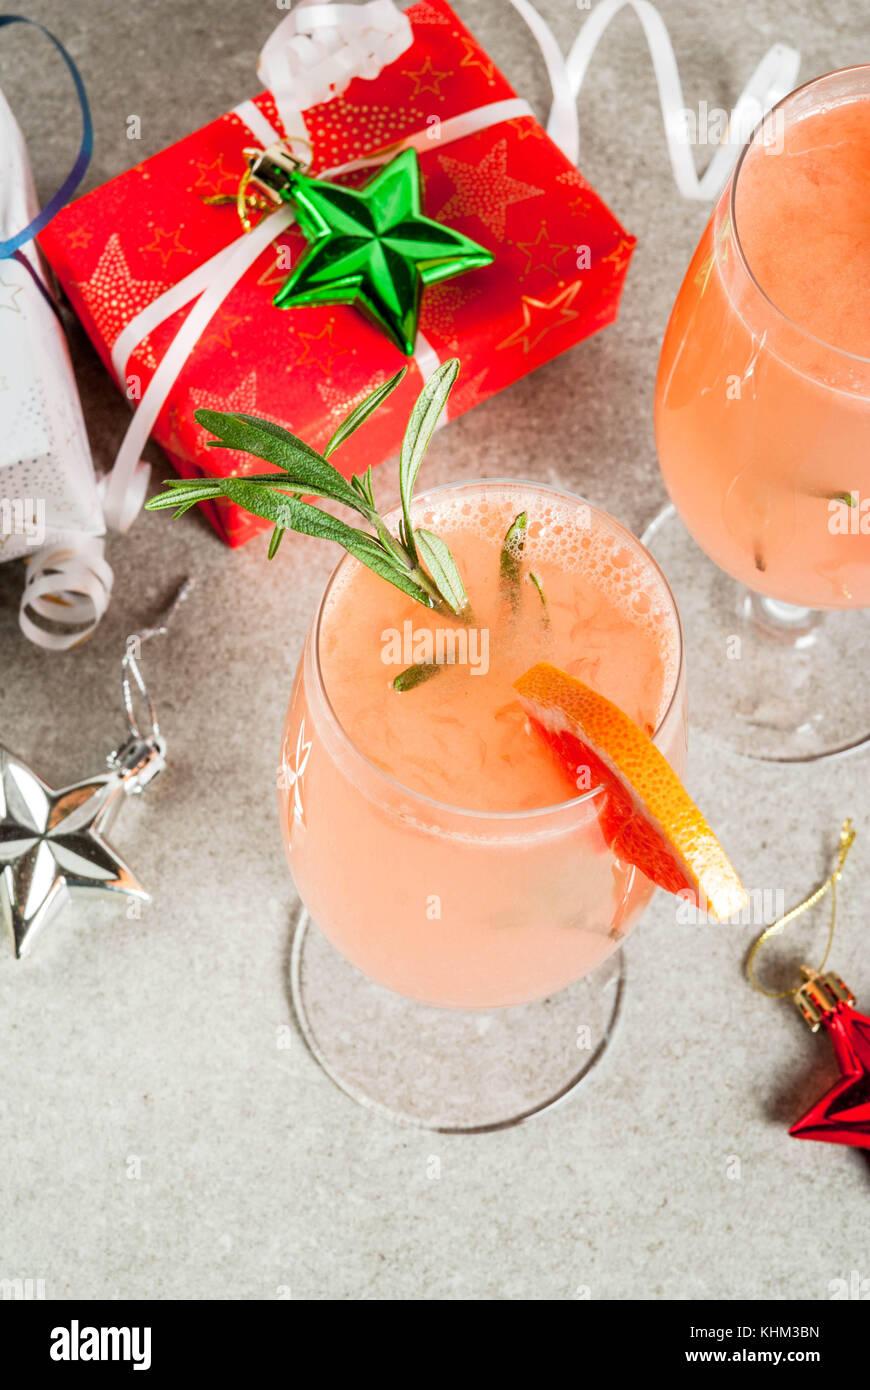 Weihnachtsfeier Geschichte.Festliches Getränk Für Weihnachtsfeier Mimosa Cocktail Mit Sekt